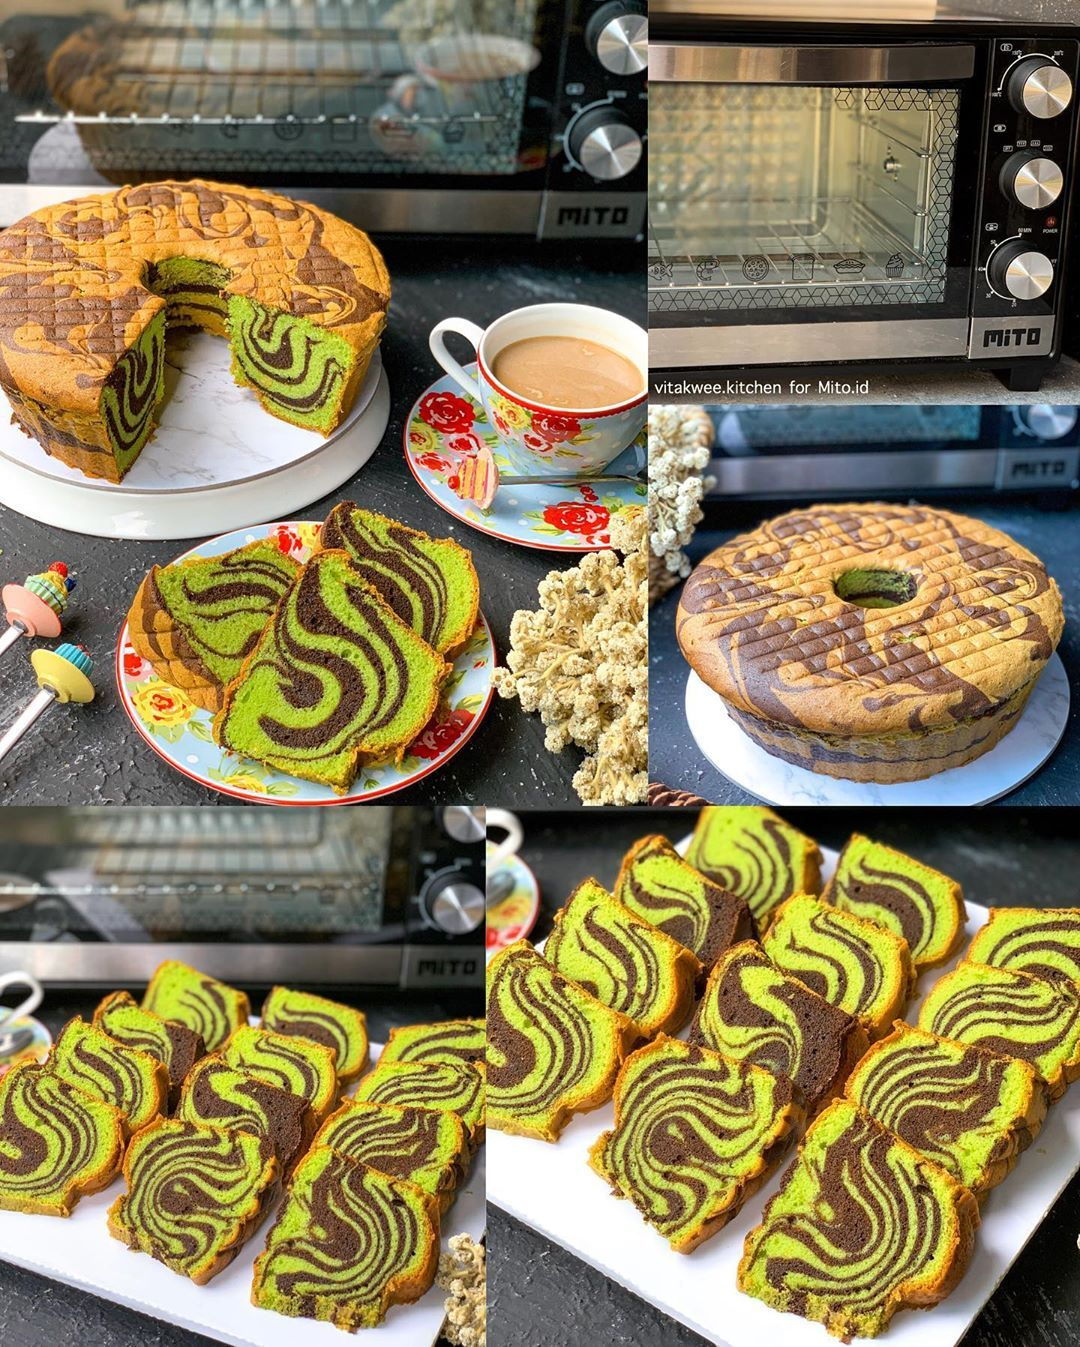 Vitakwee Kitchen Di Instagram Alooooo Makk Da Lama Banget Absen Bikin Cake Marmer Karna Kudu Nunguin Endapan Homema Kue Lezat Makanan Makanan Dan Minuman